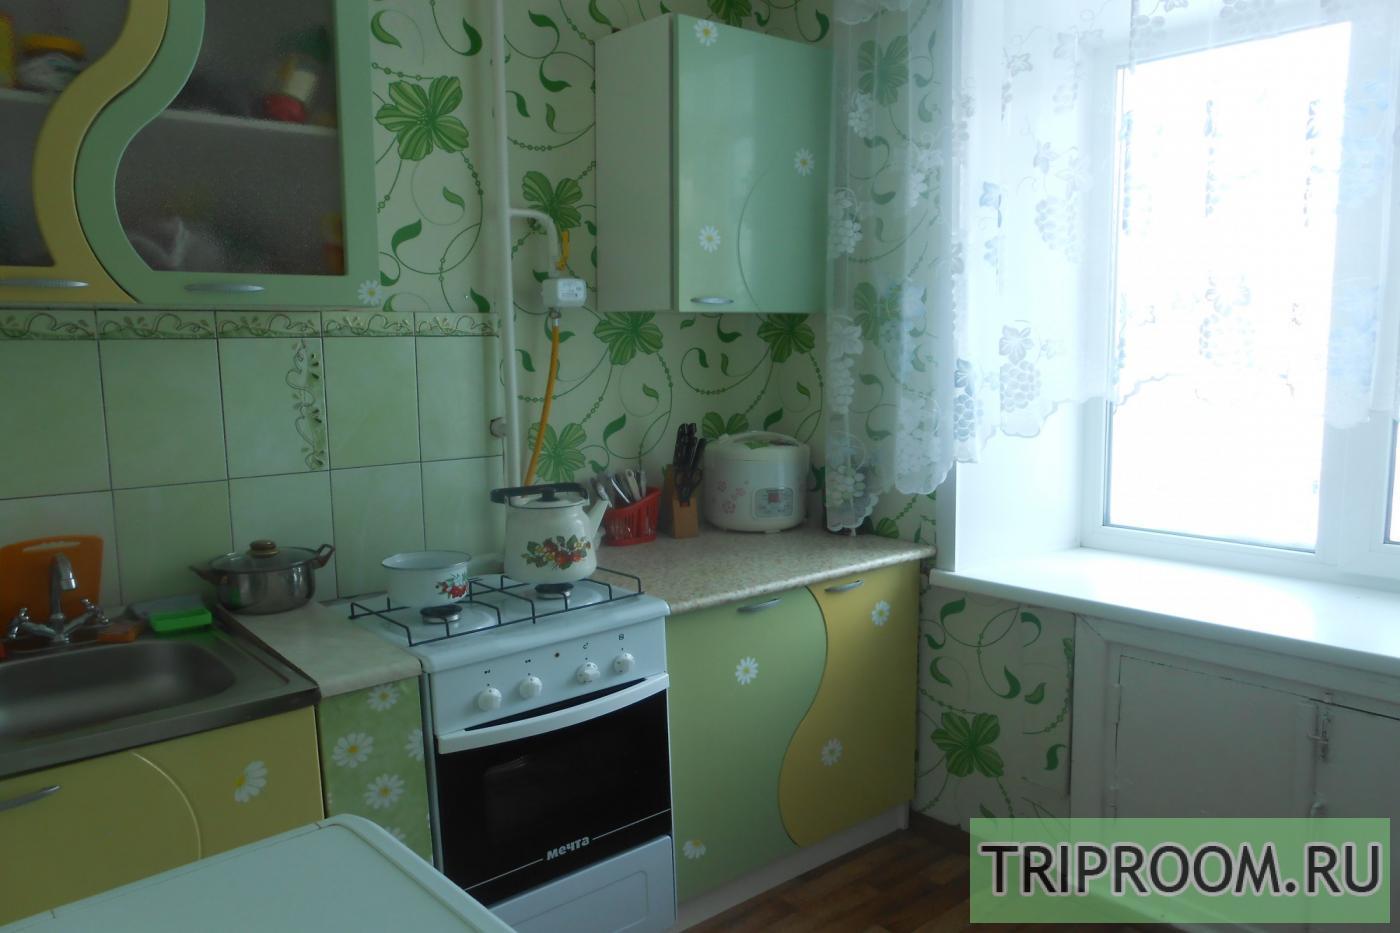 2-комнатная квартира посуточно (вариант № 32154), ул. квартал А, фото № 6